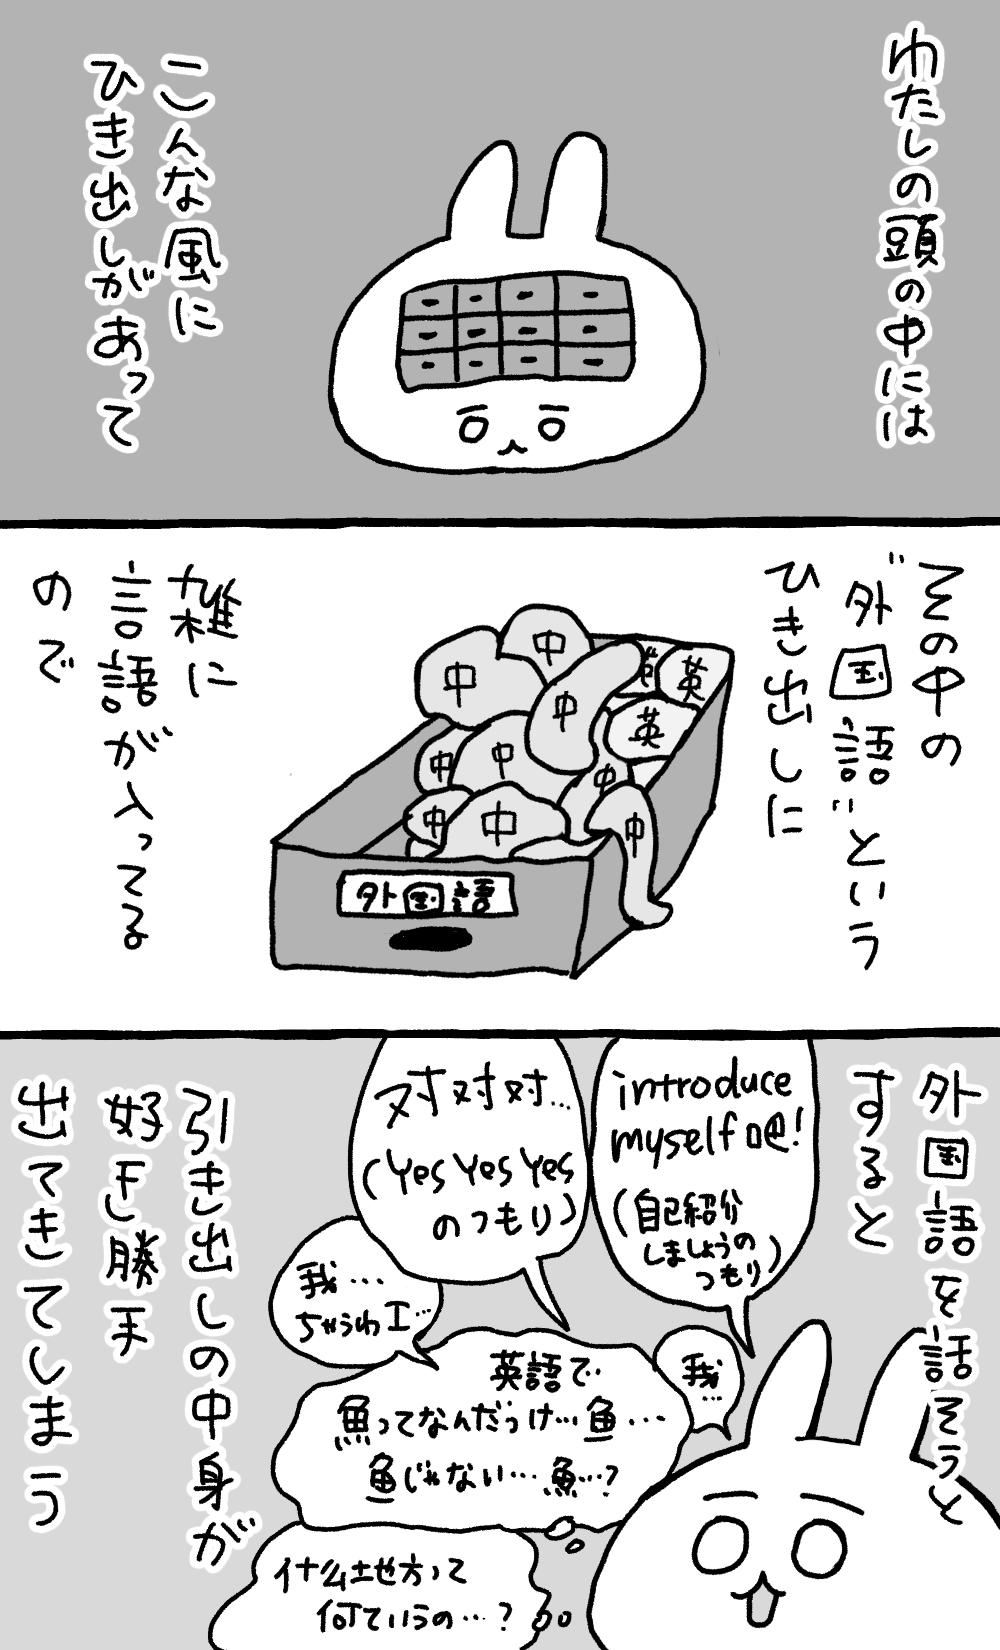 複数言語を勉強する人あるある